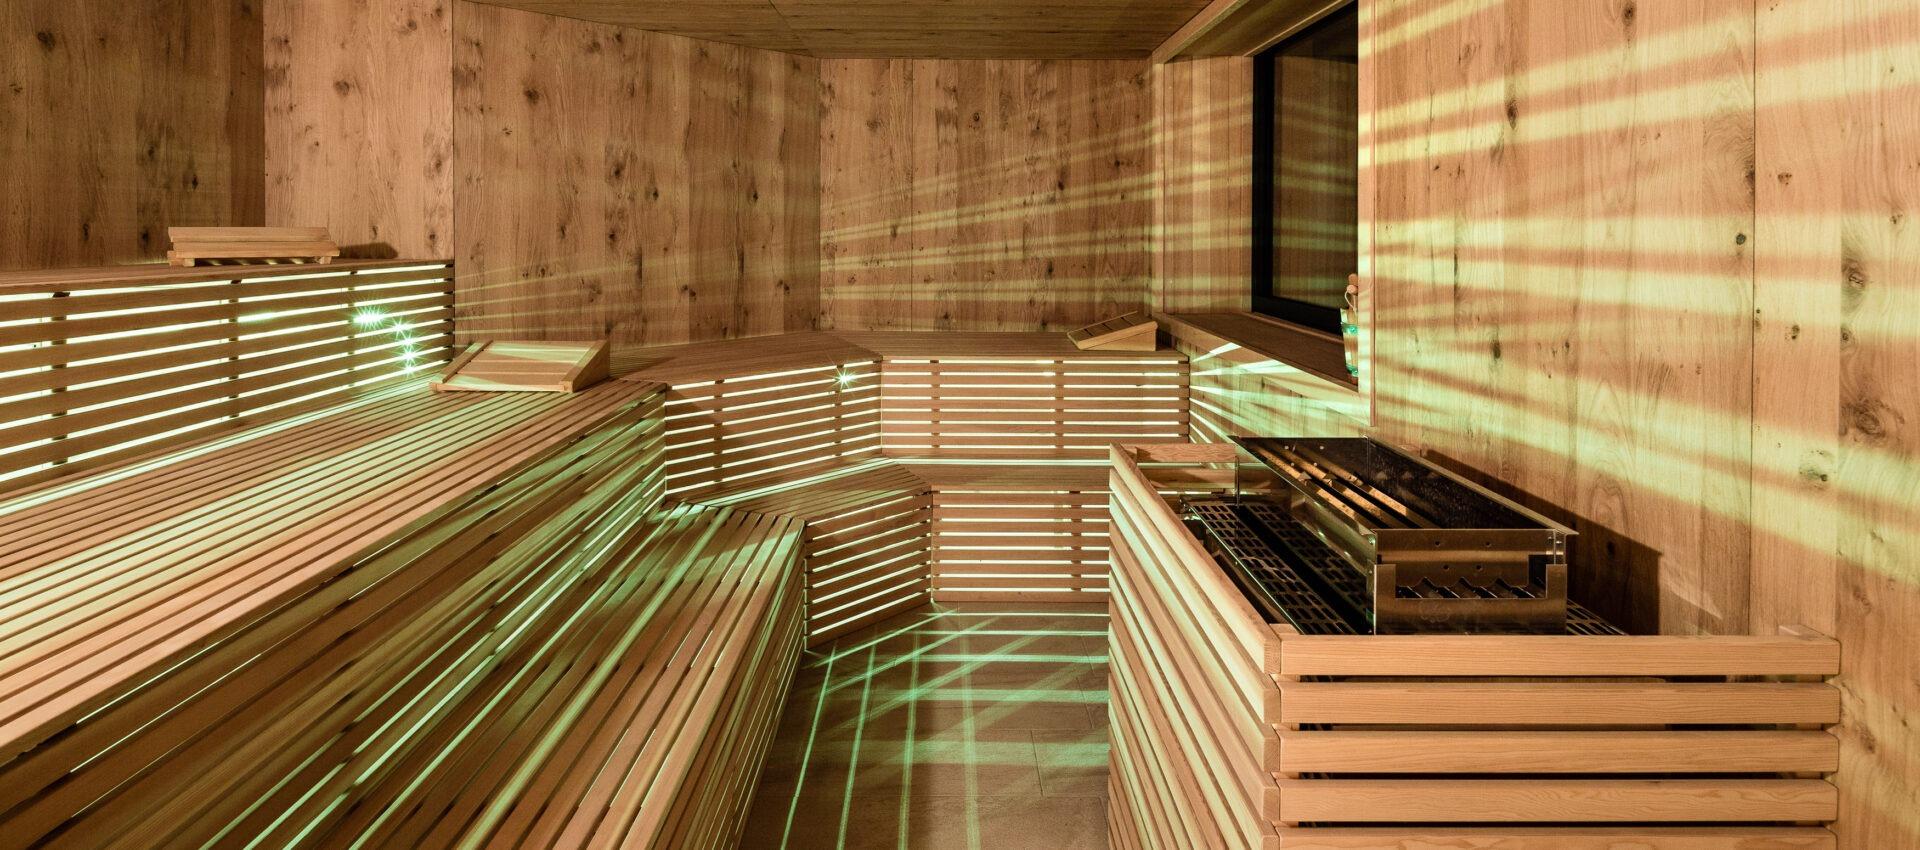 Finnische Sauna 4 Sterne Hotel in Lana Pfeiss - Meran - Südtirol